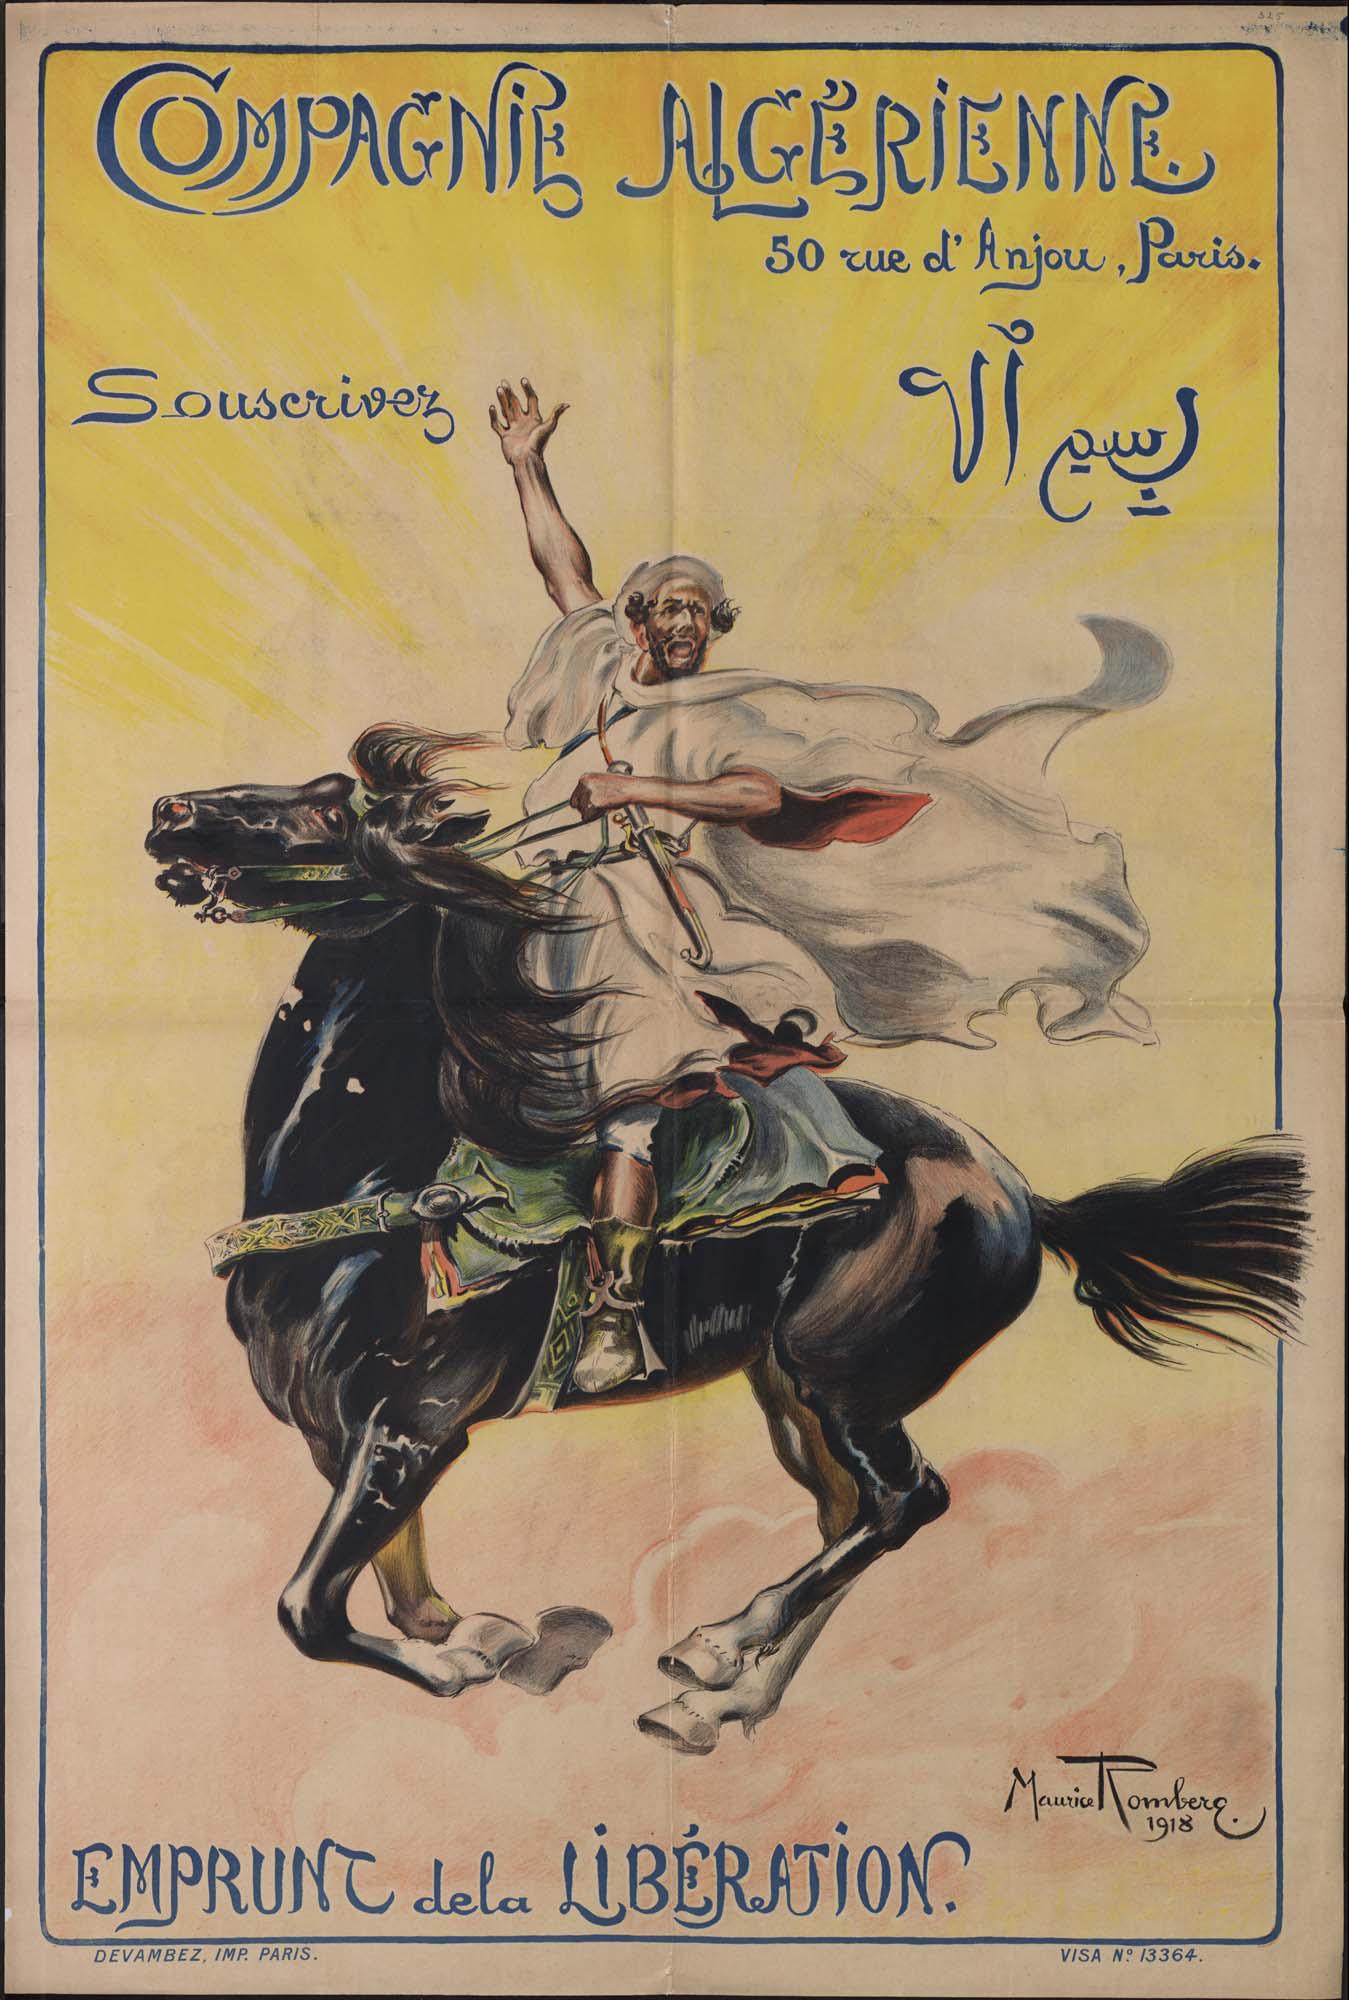 Algerian Company Liberation Loan